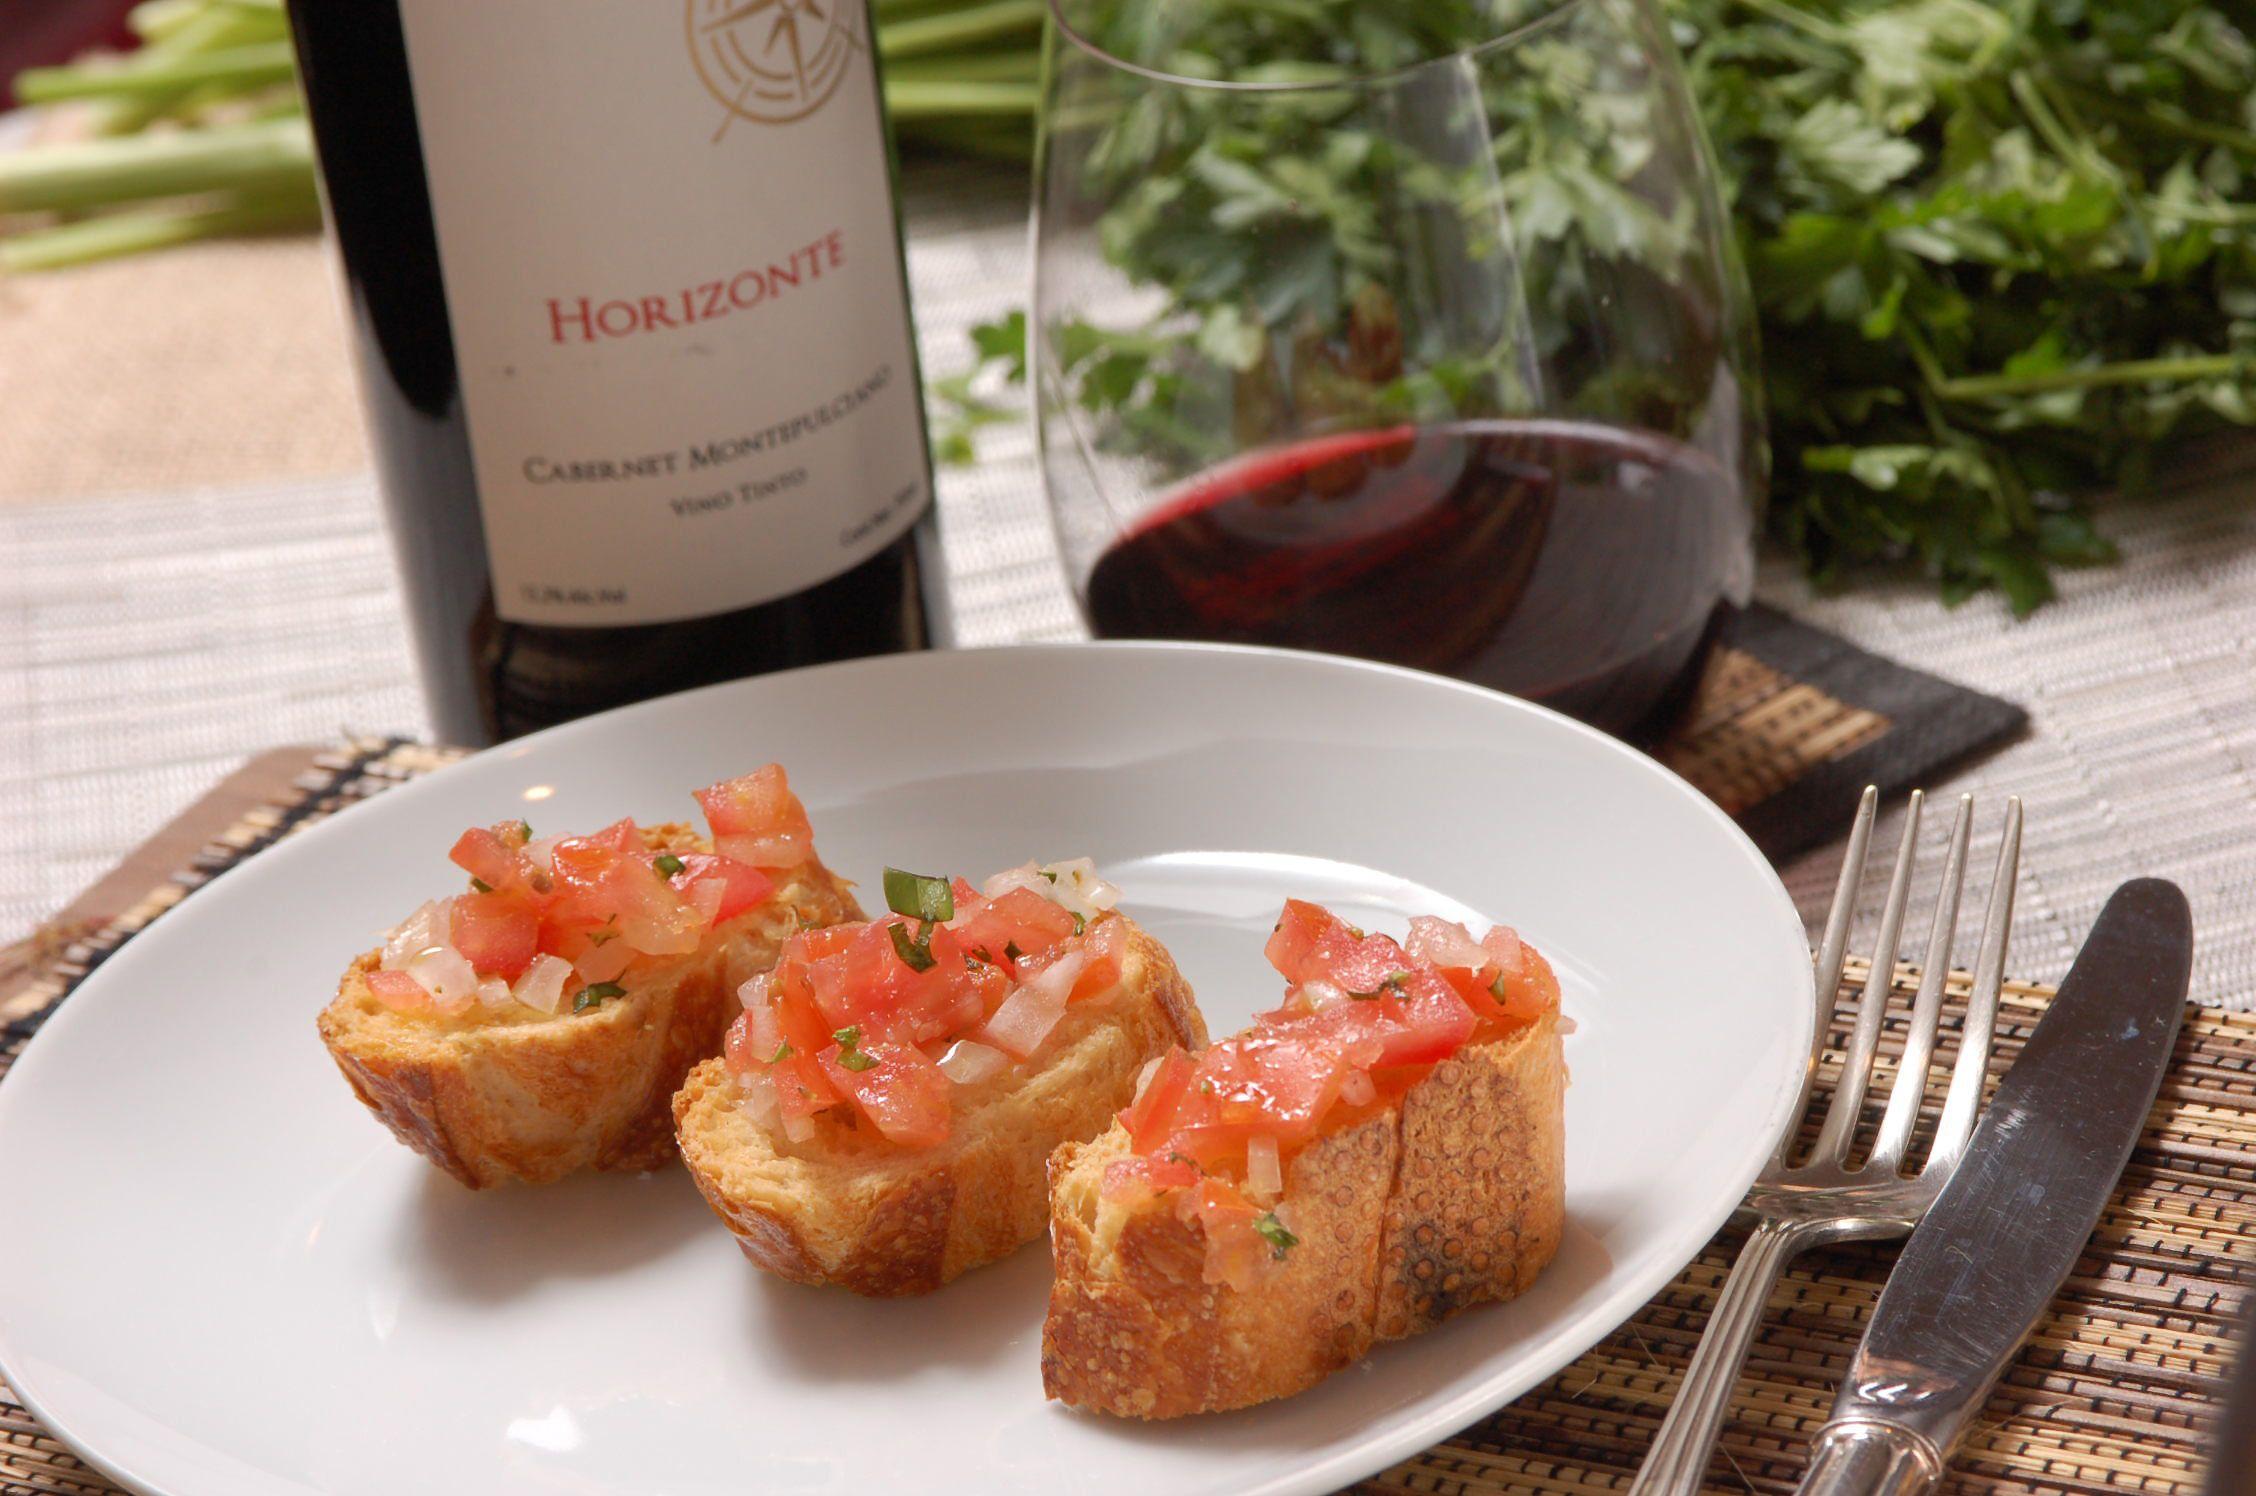 Bruschetta italiana cocina y comparte recetas de cocina al natural y regis poncheval de - Cocina al natural ...